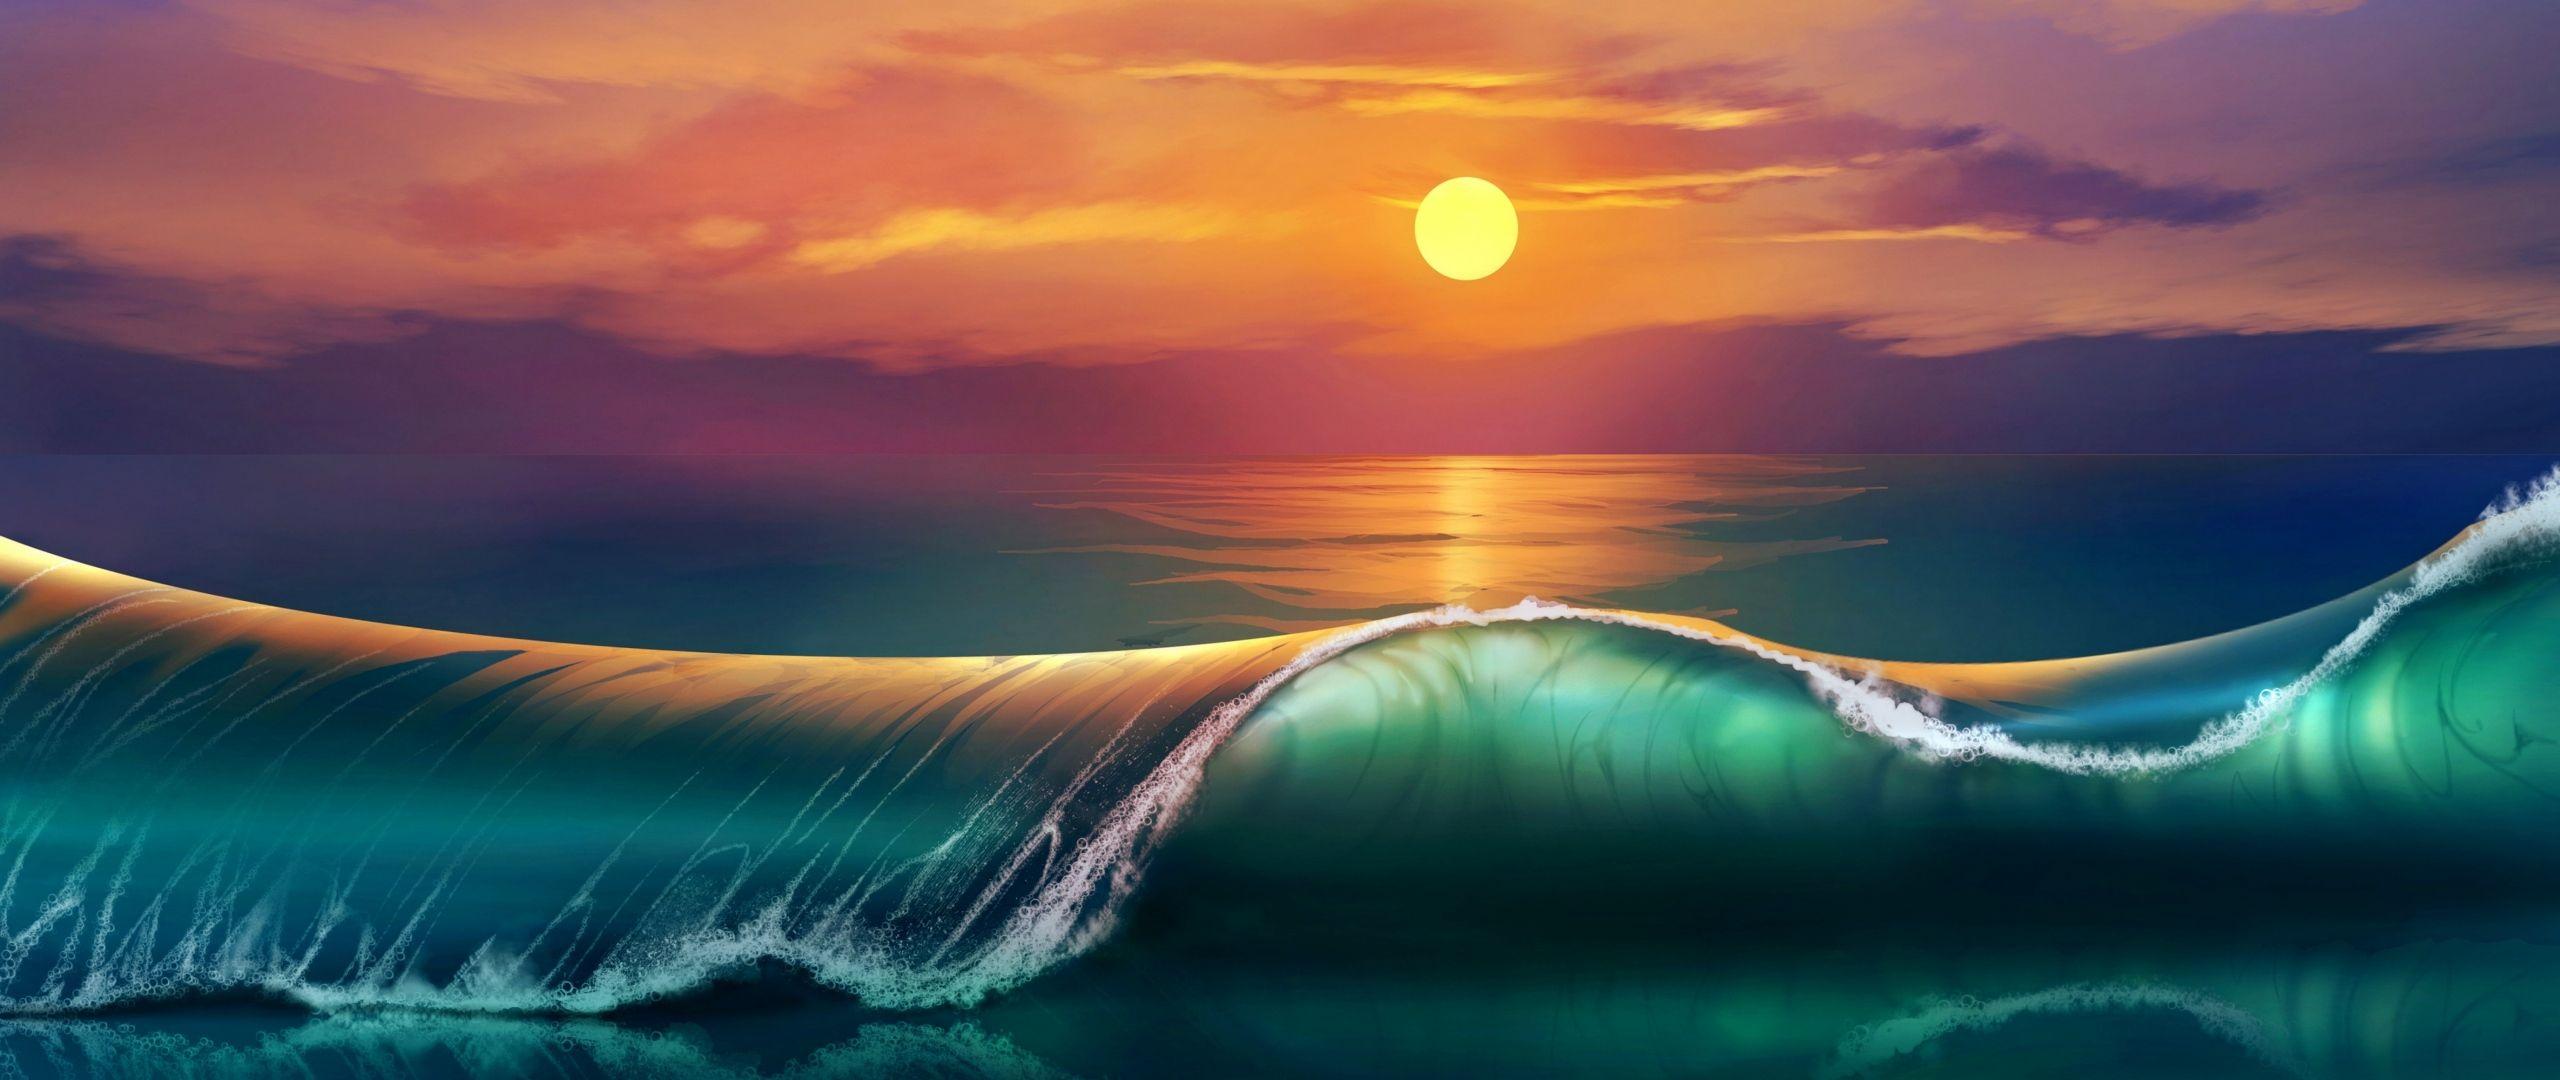 Greece Sunset Wallpaper Desktop BozhuWallpaper